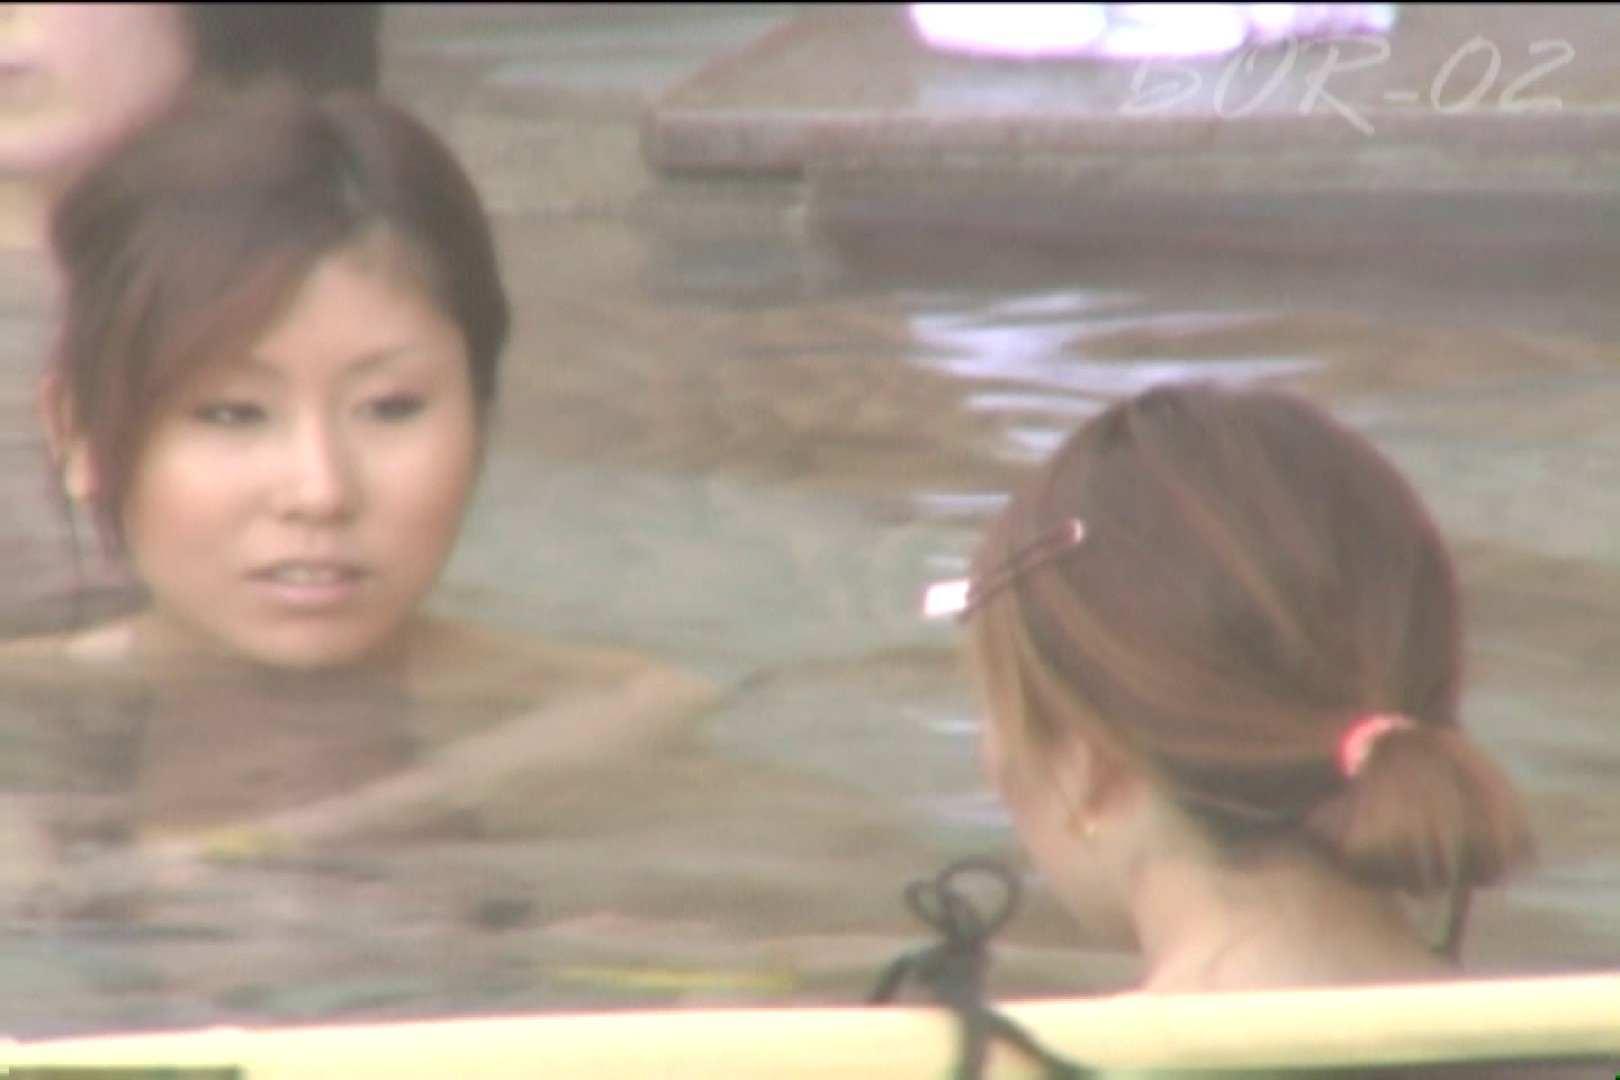 Aquaな露天風呂Vol.478 OL女体 隠し撮りオマンコ動画紹介 56連発 17